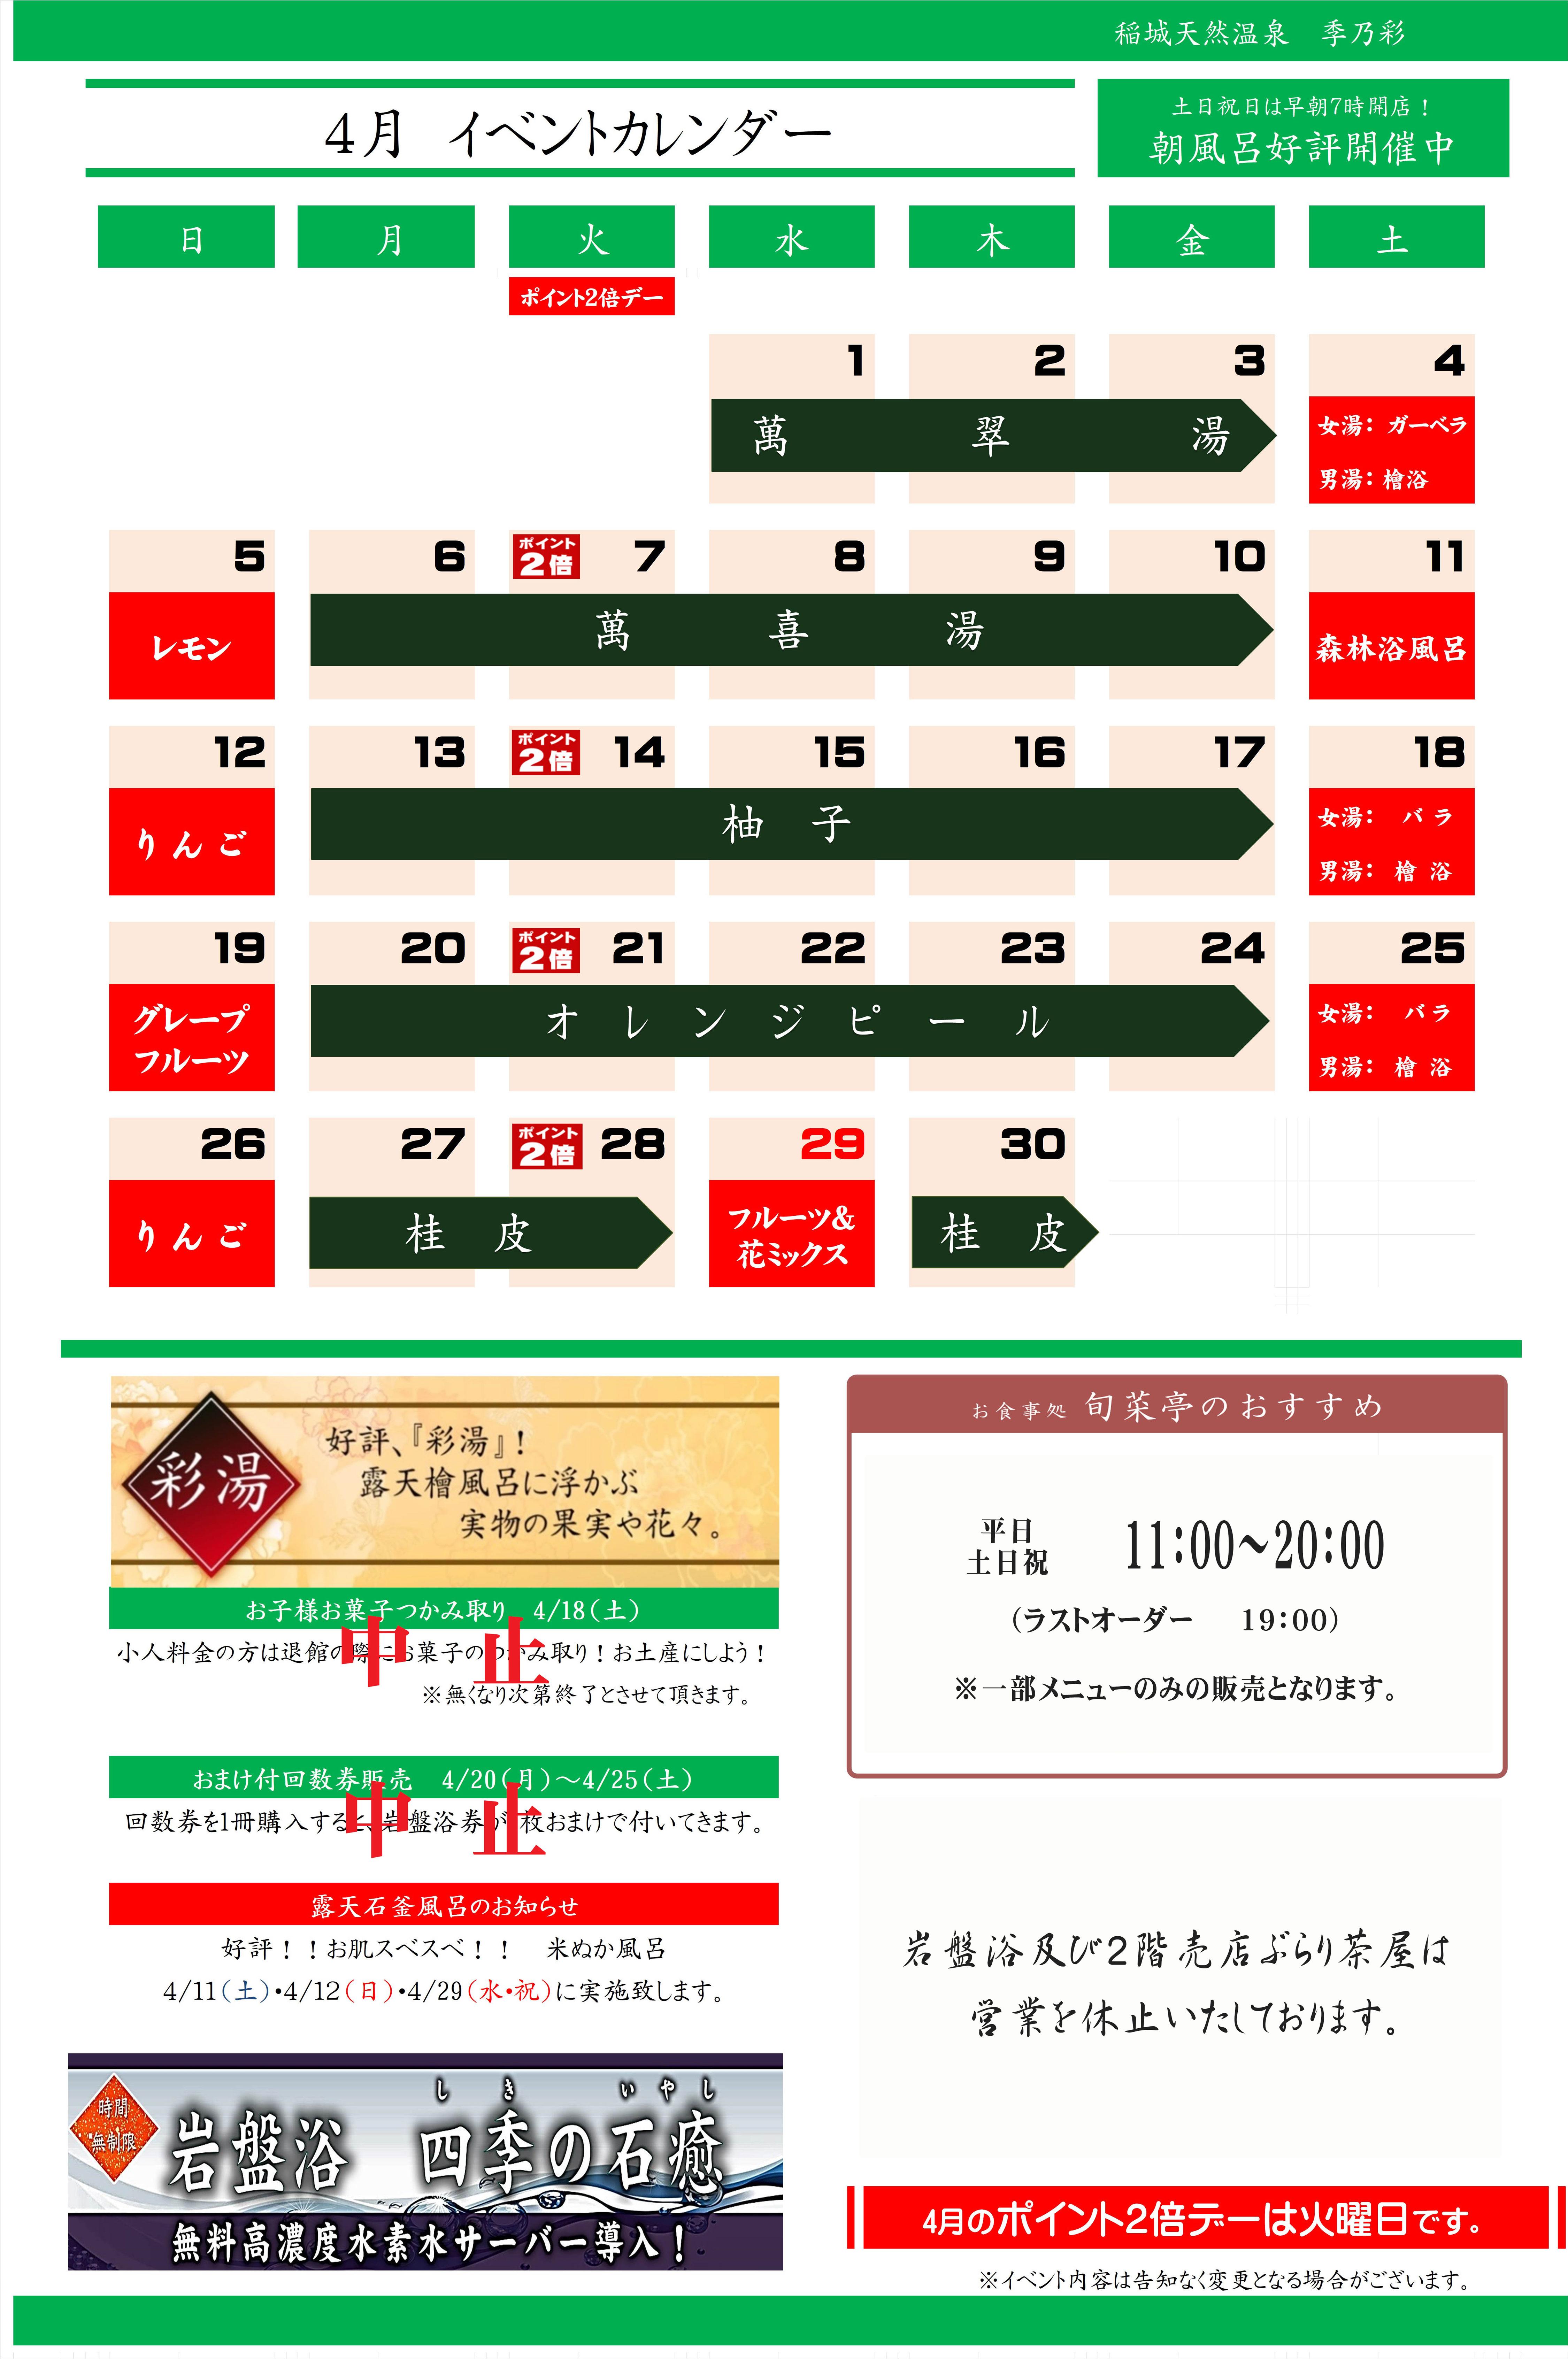 イベントカレンダー-202004-変更